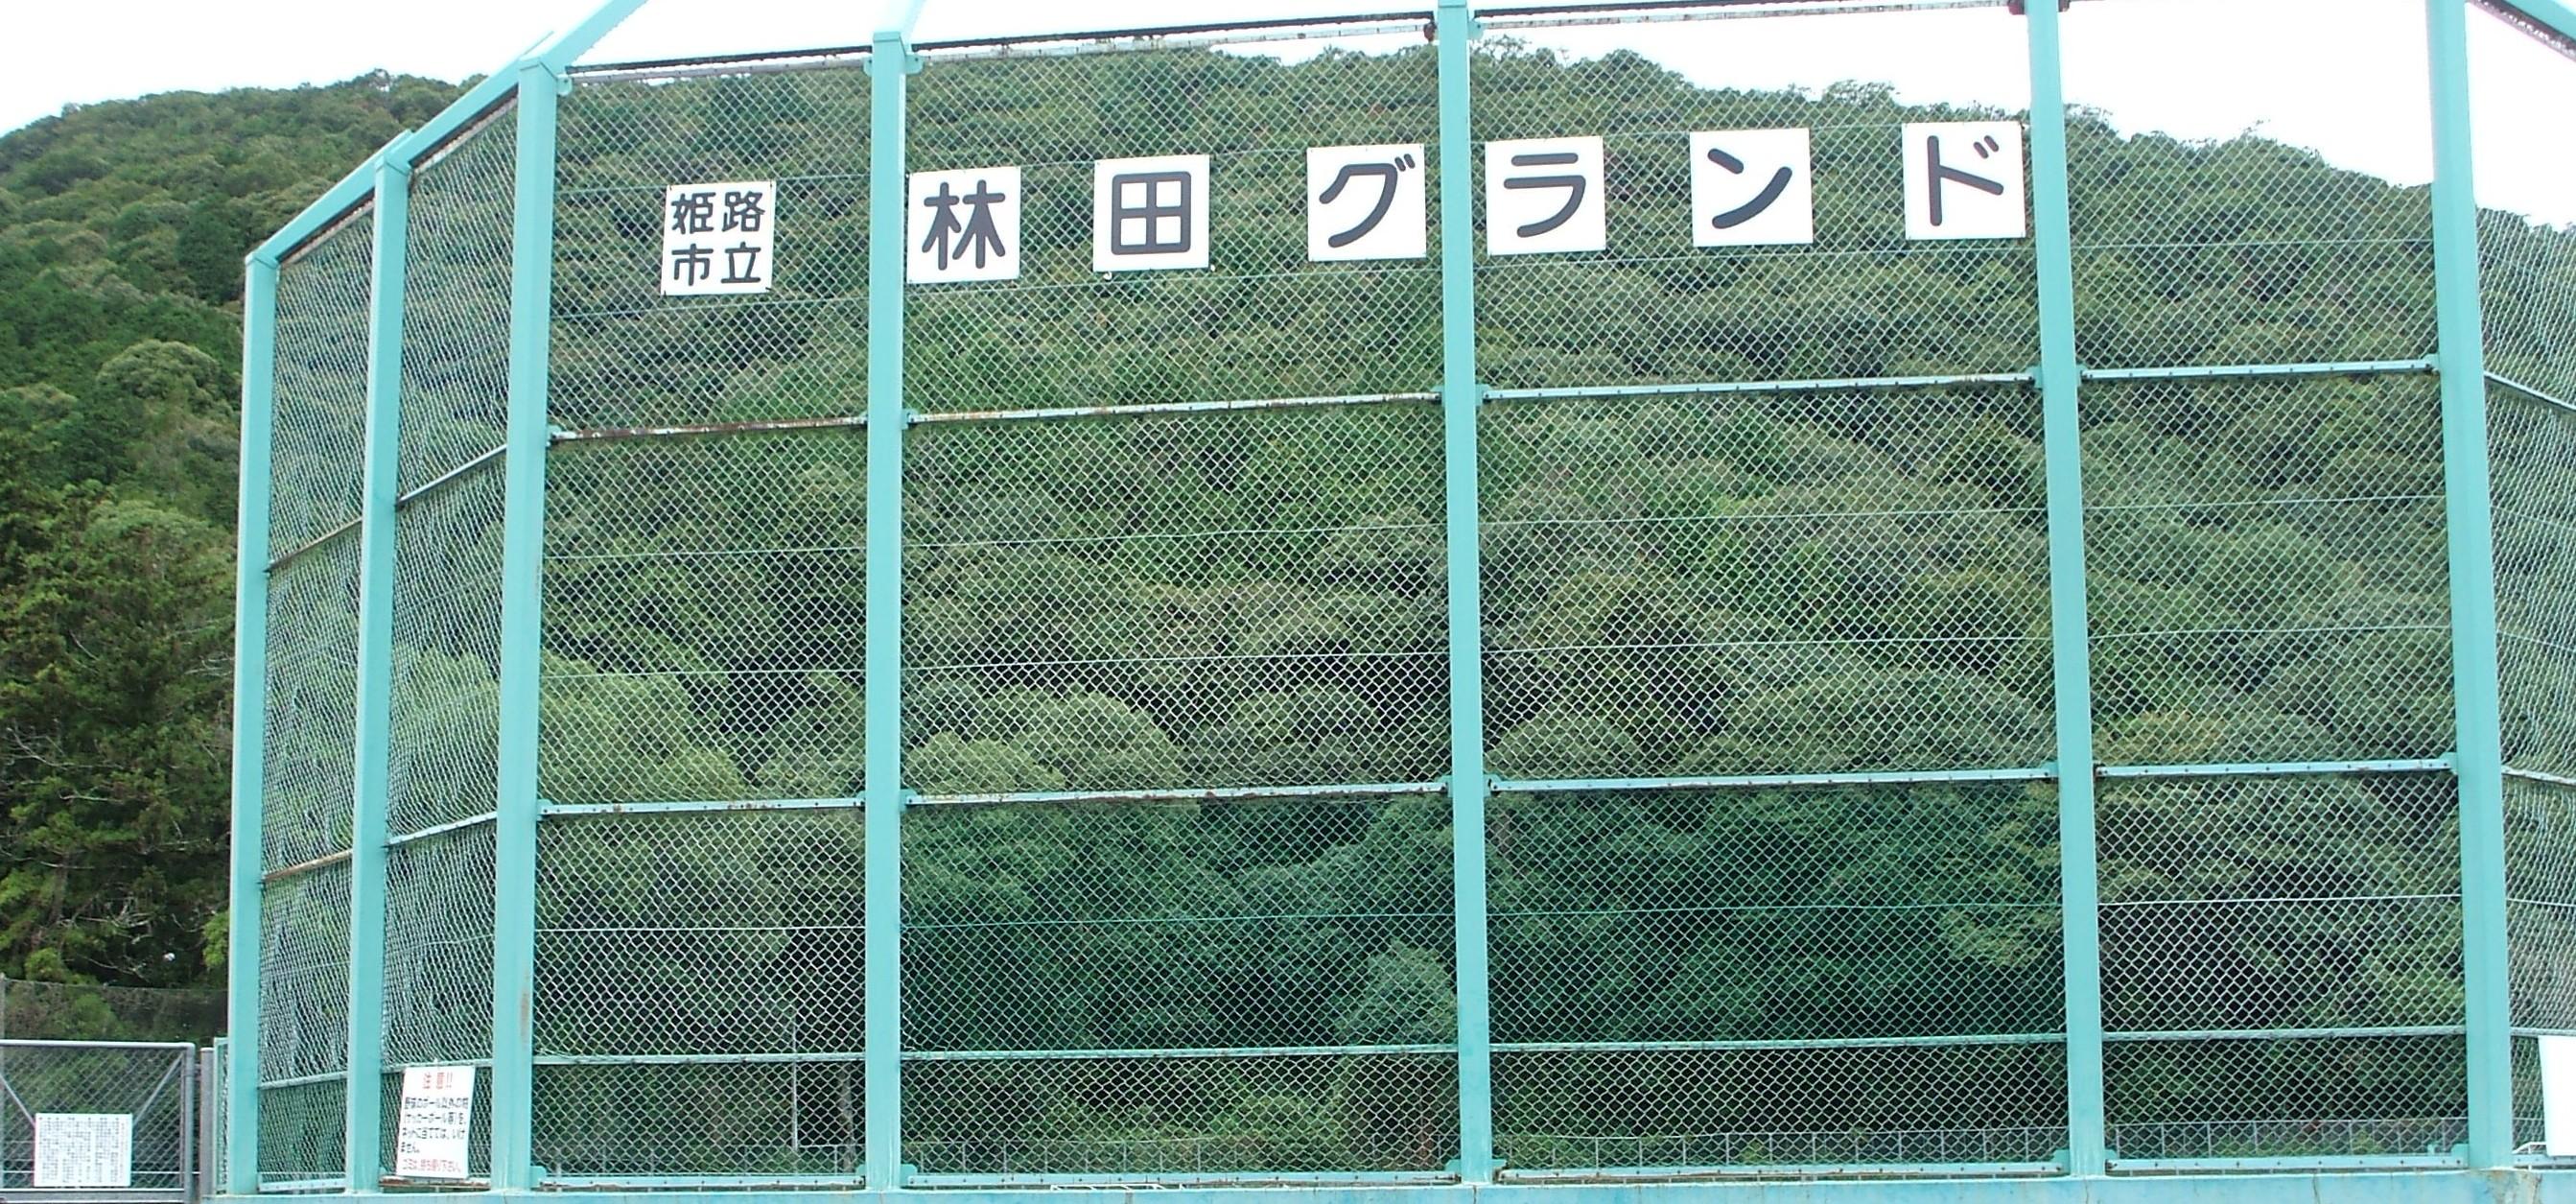 姫路市立林田グラウンドイメージ画像